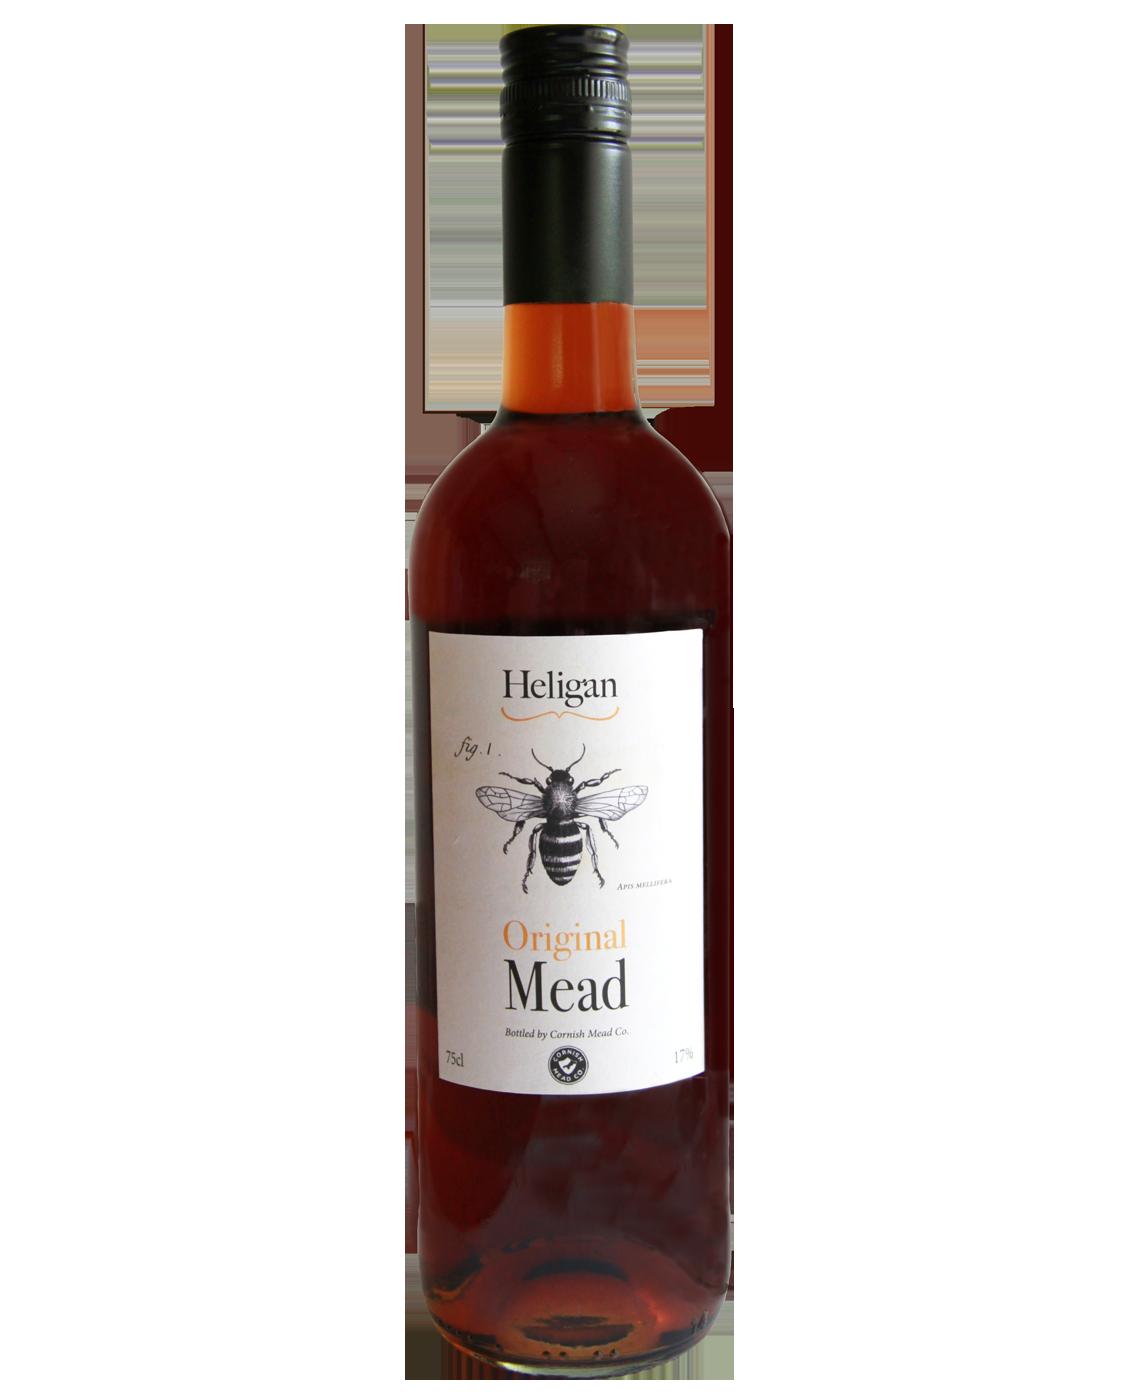 Heligan Original Mead